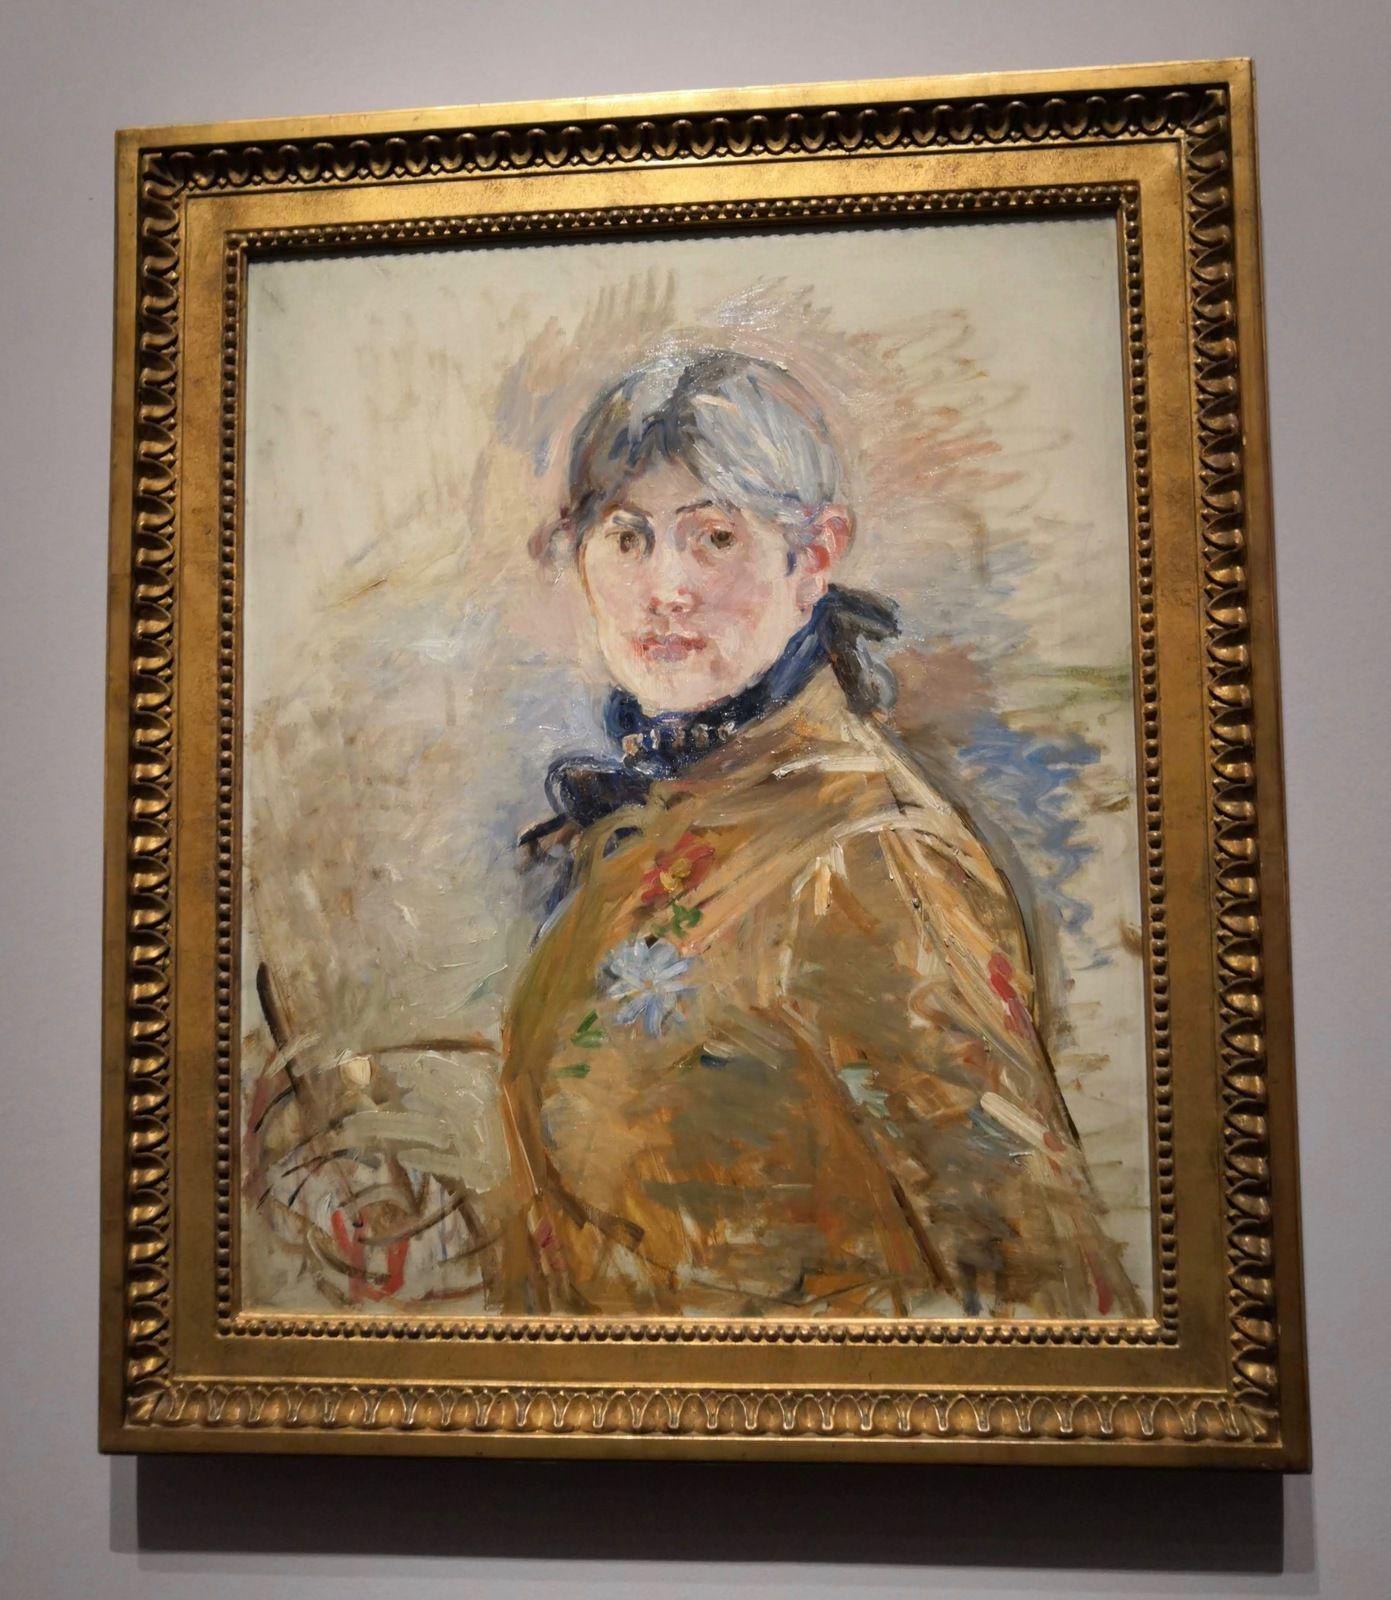 Berthe Morisot, Autoportrait, 1885, Huile sur toile, Musée Marmottan-Monet